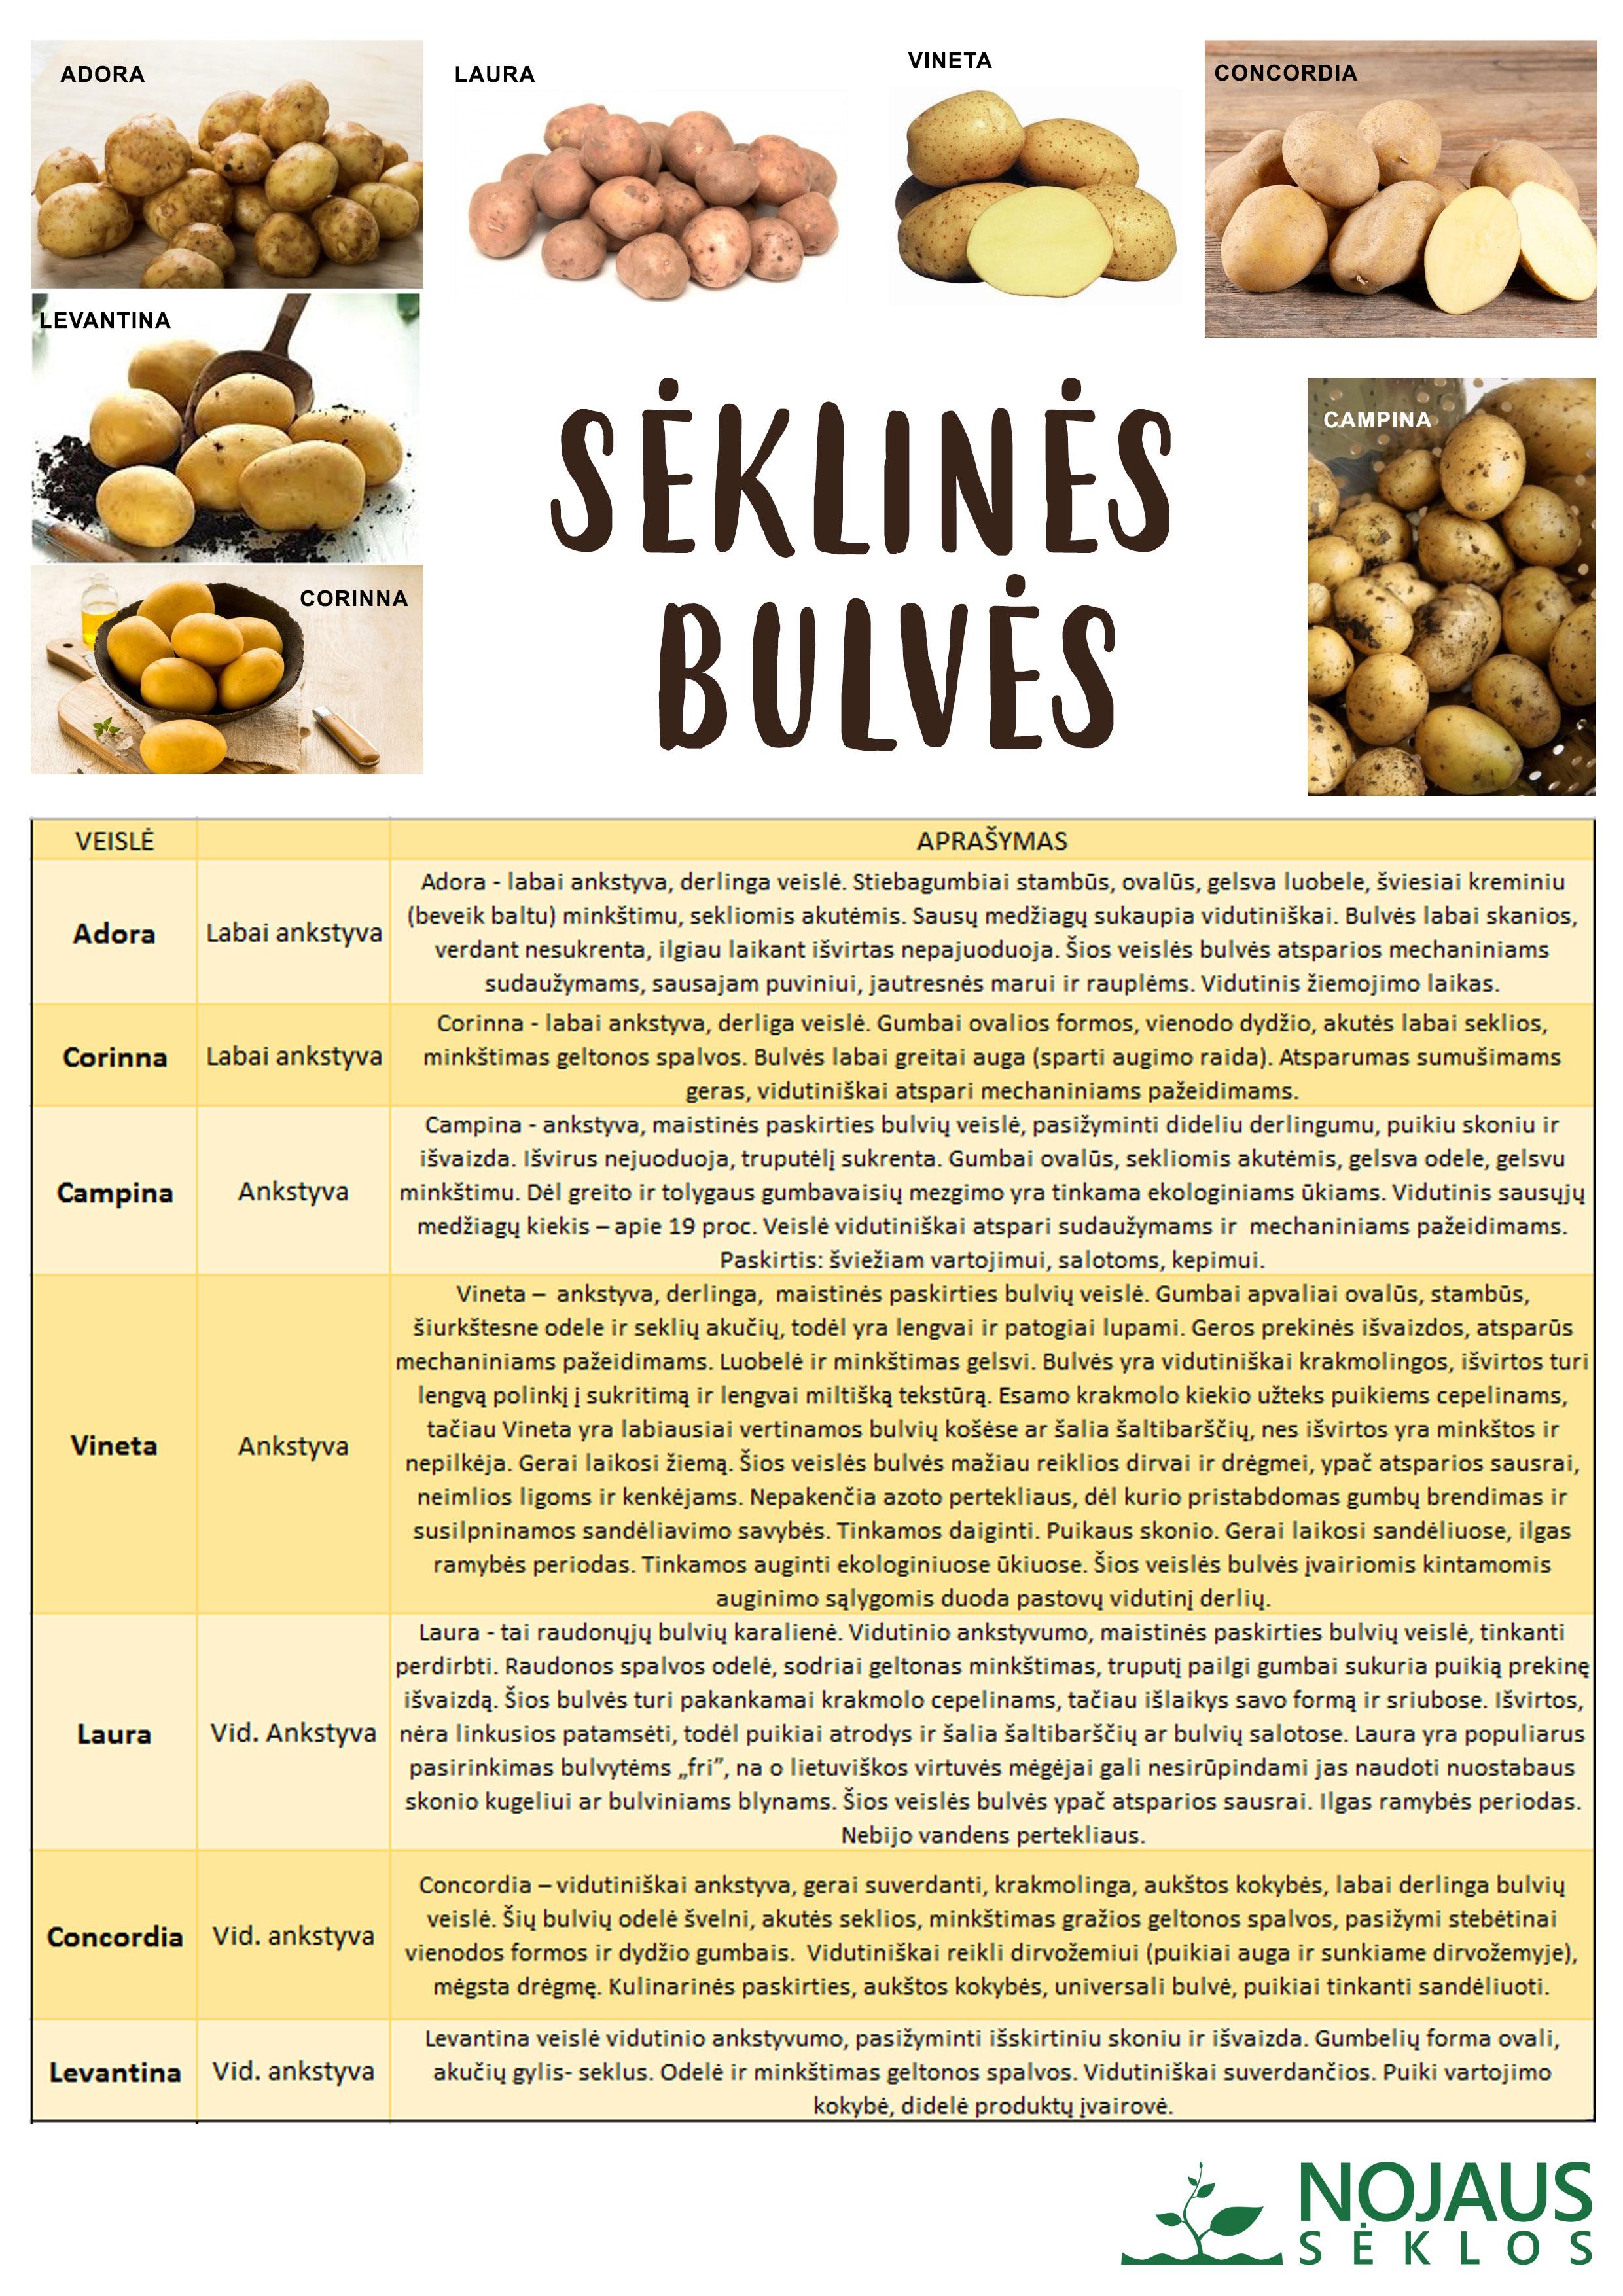 Sėklinių bulvių palyginimo lentelė